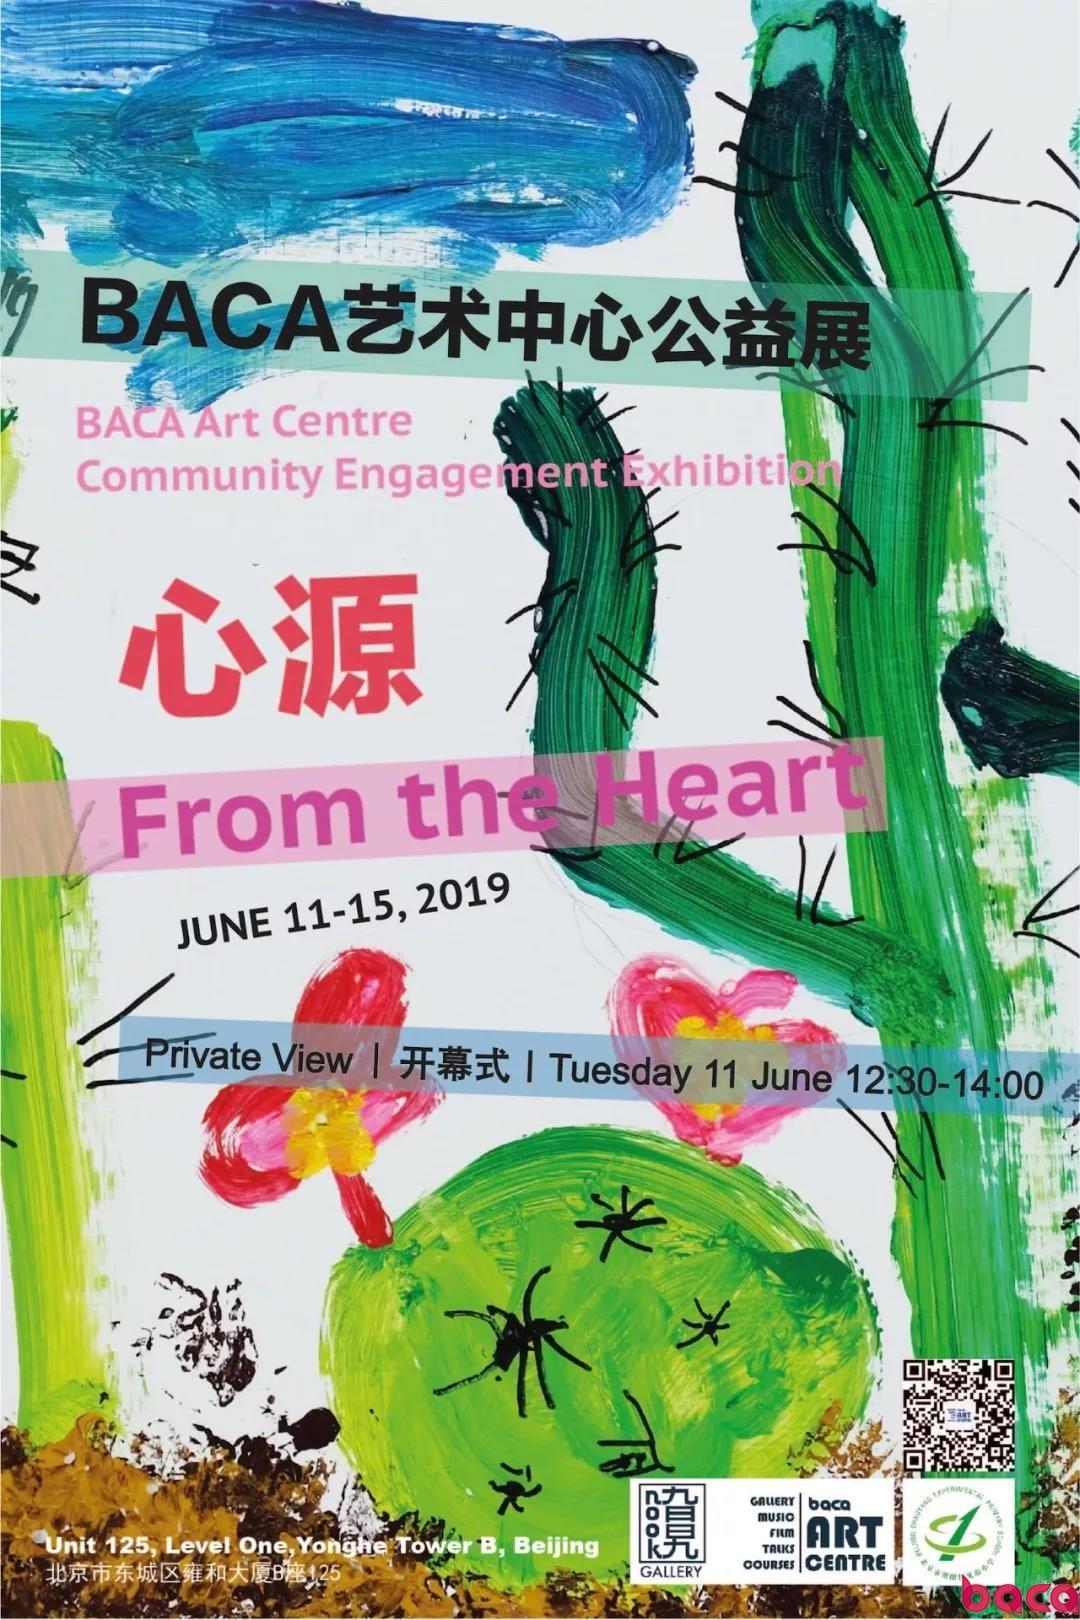 北京朝阳实验小学新源里分校 BACA艺术中心